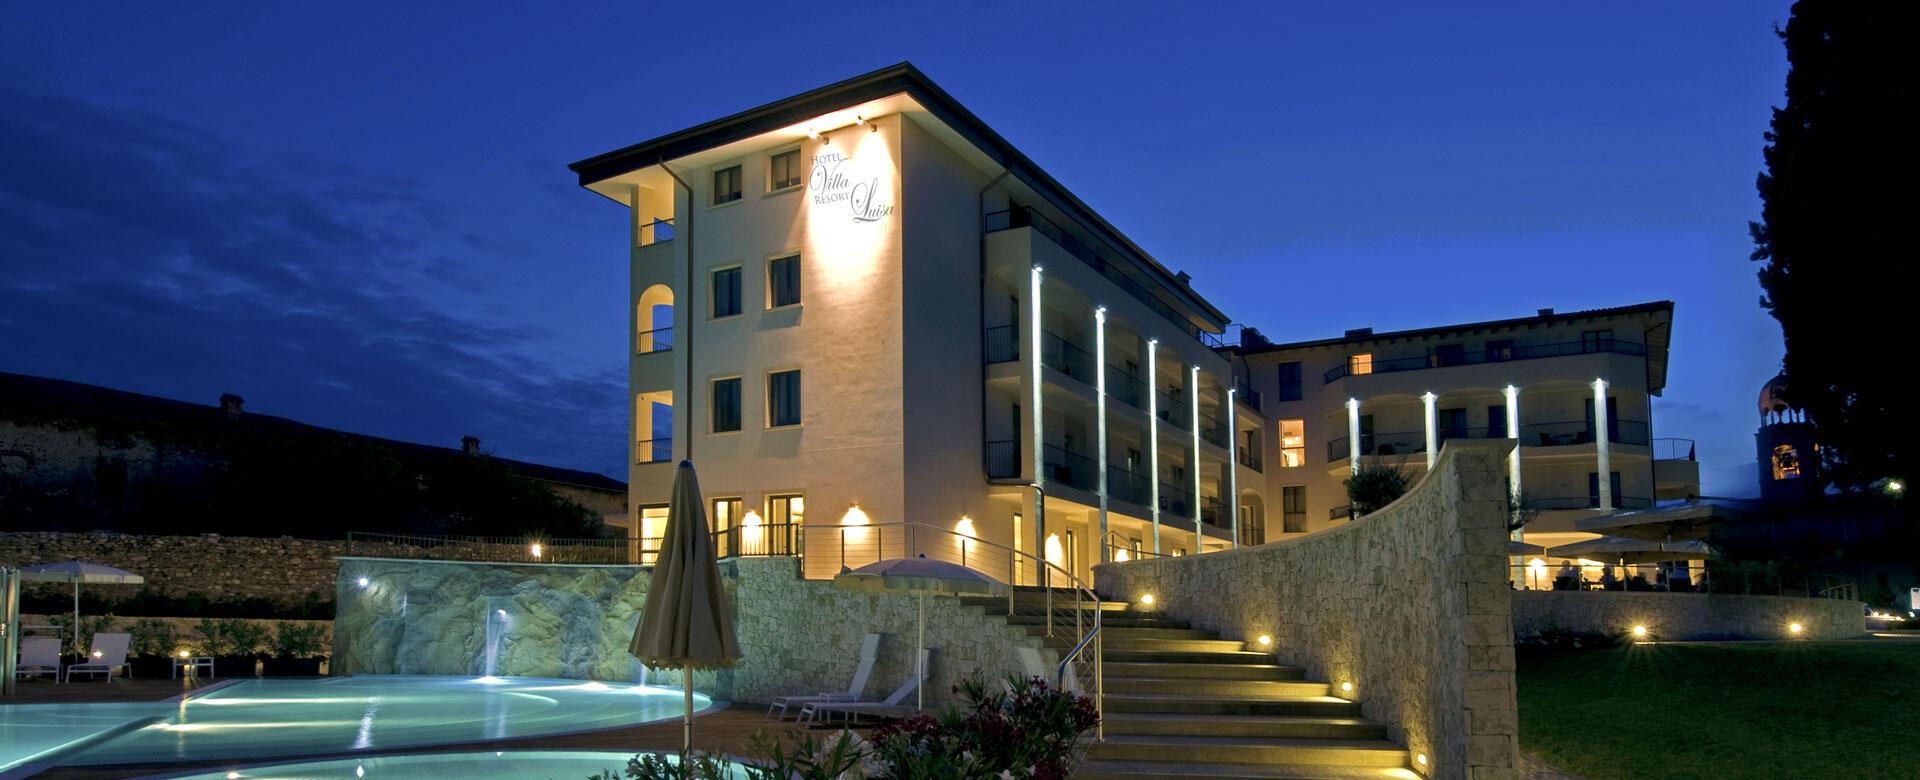 hotelvillaluisa de galerie 003